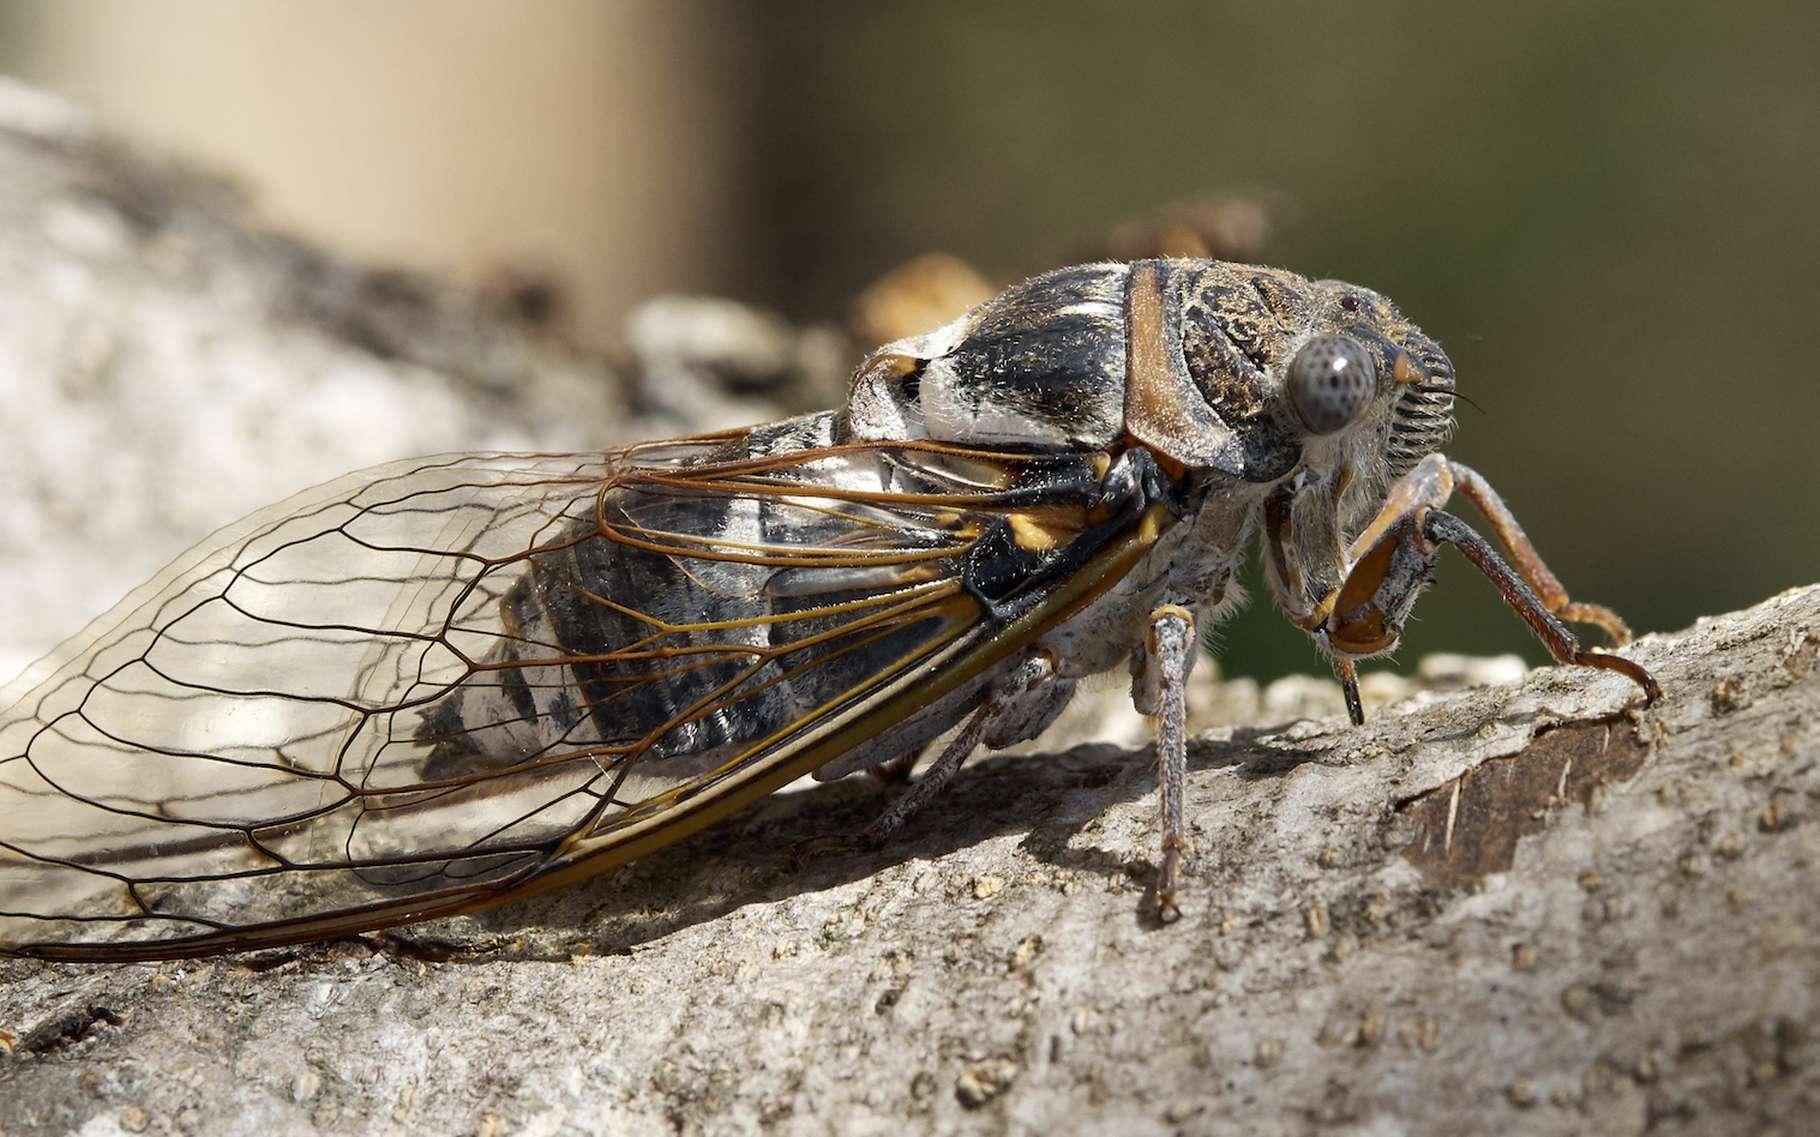 La fréquence et la modulation du chant des cigales sont propres à chaque espèce. Objectif : séduire des femelles de la même espèce que celle du mâle auteur du chant. © Sputniktilt, Wikipedia, CC by-sa 4.0